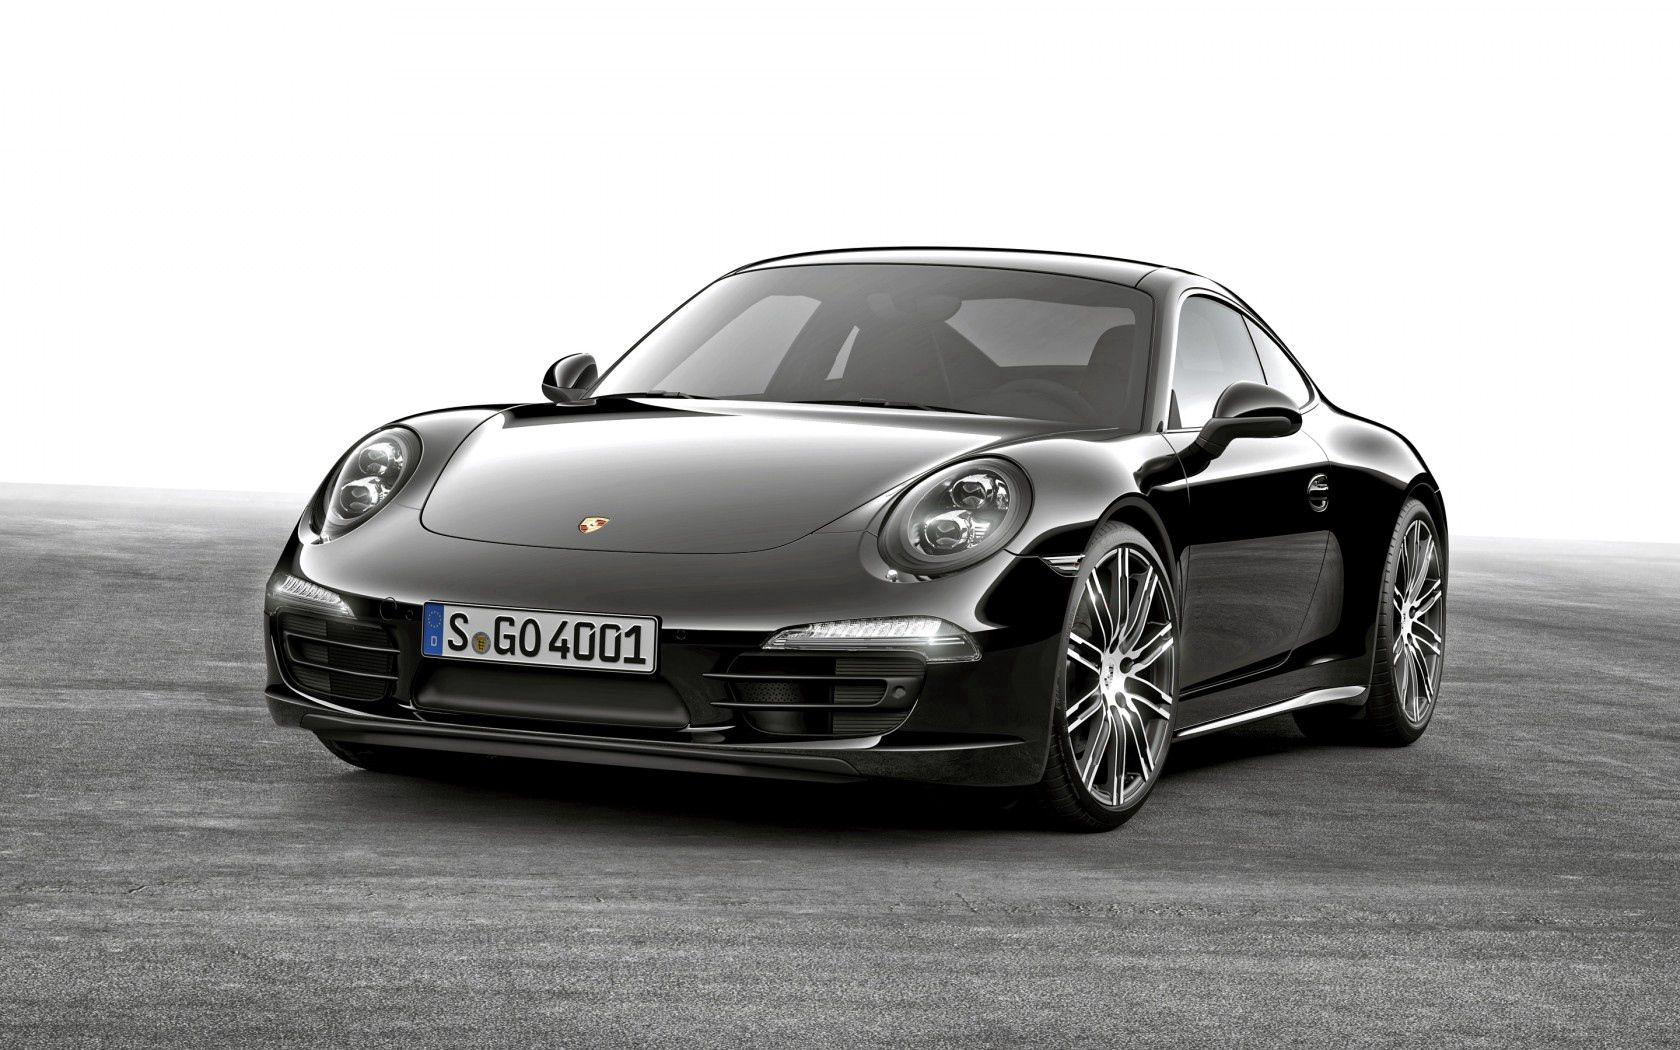 131803 Заставки и Обои Порш (Porsche) на телефон. Скачать Порш (Porsche), Тачки (Cars), Черный, Вид Сбоку, 911, Carrera картинки бесплатно